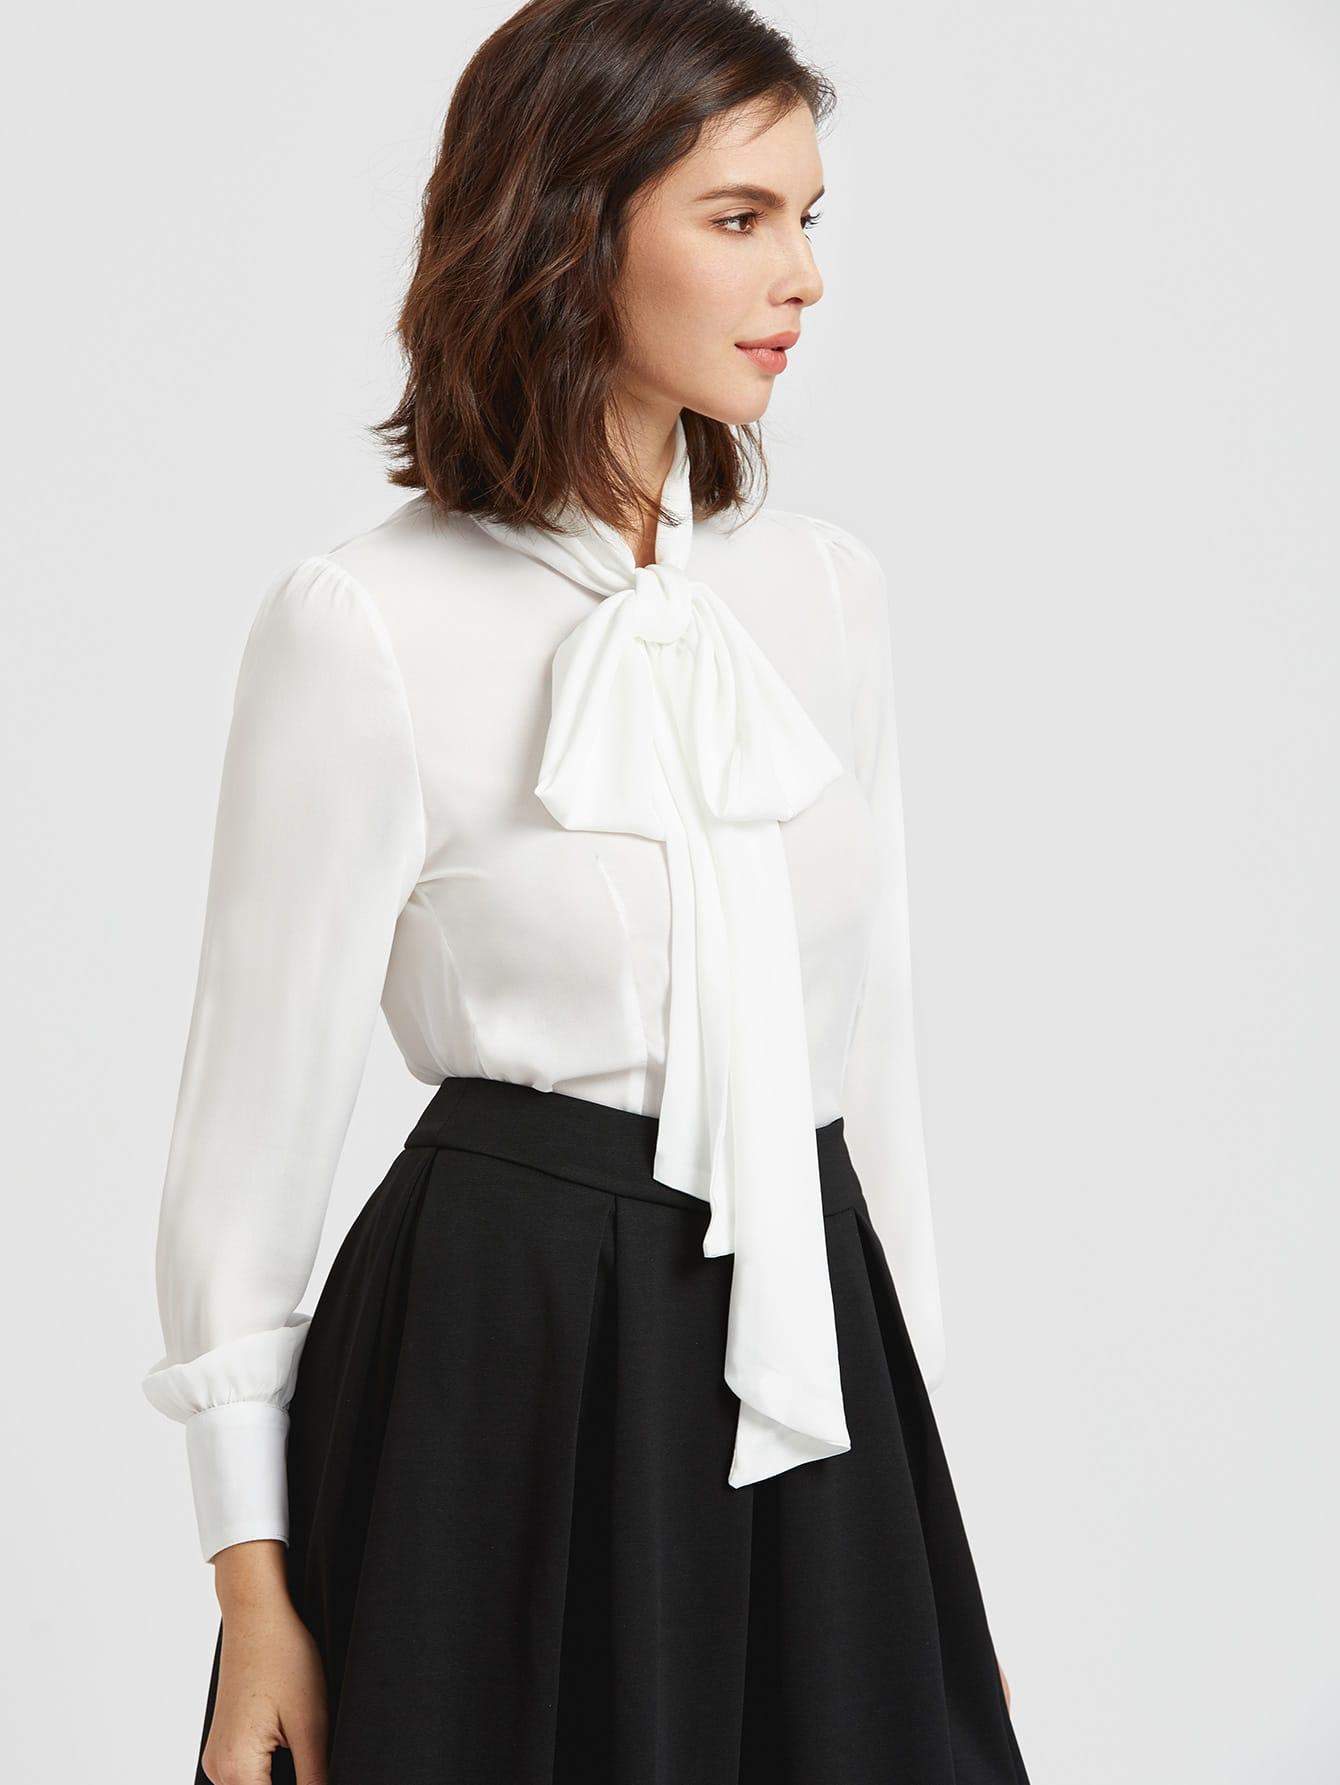 Купить Блузку С Бантом В Волгограде